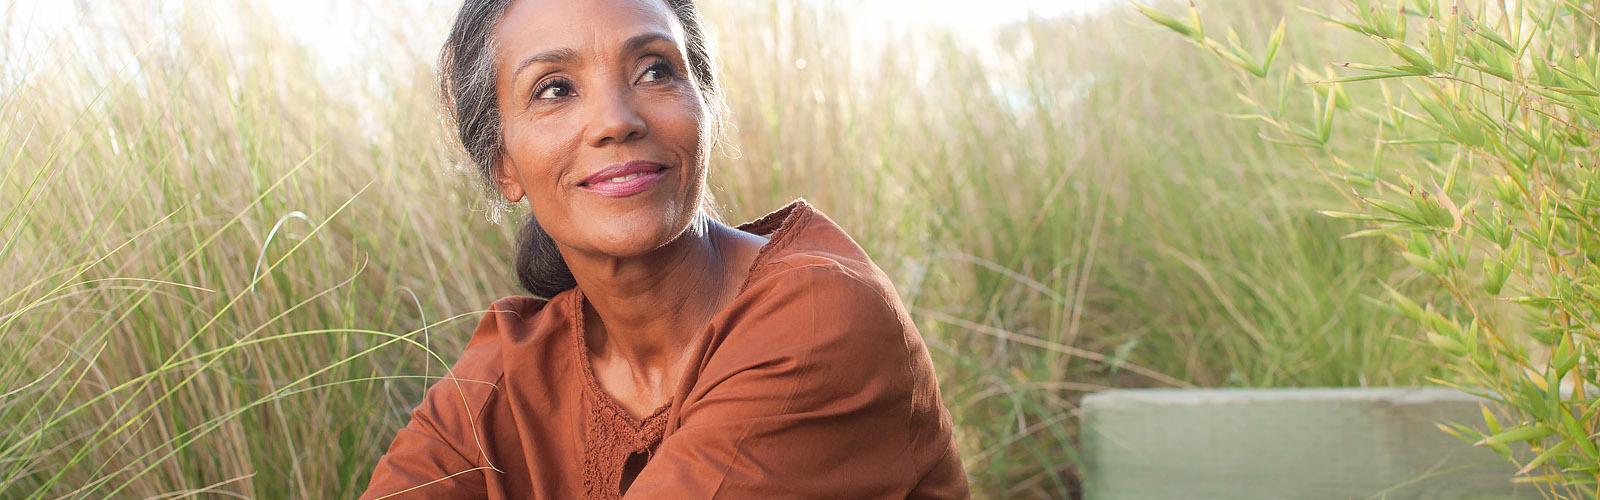 Egy derűs idős hölgy ül a napos réten, a magasra nőtt fűben